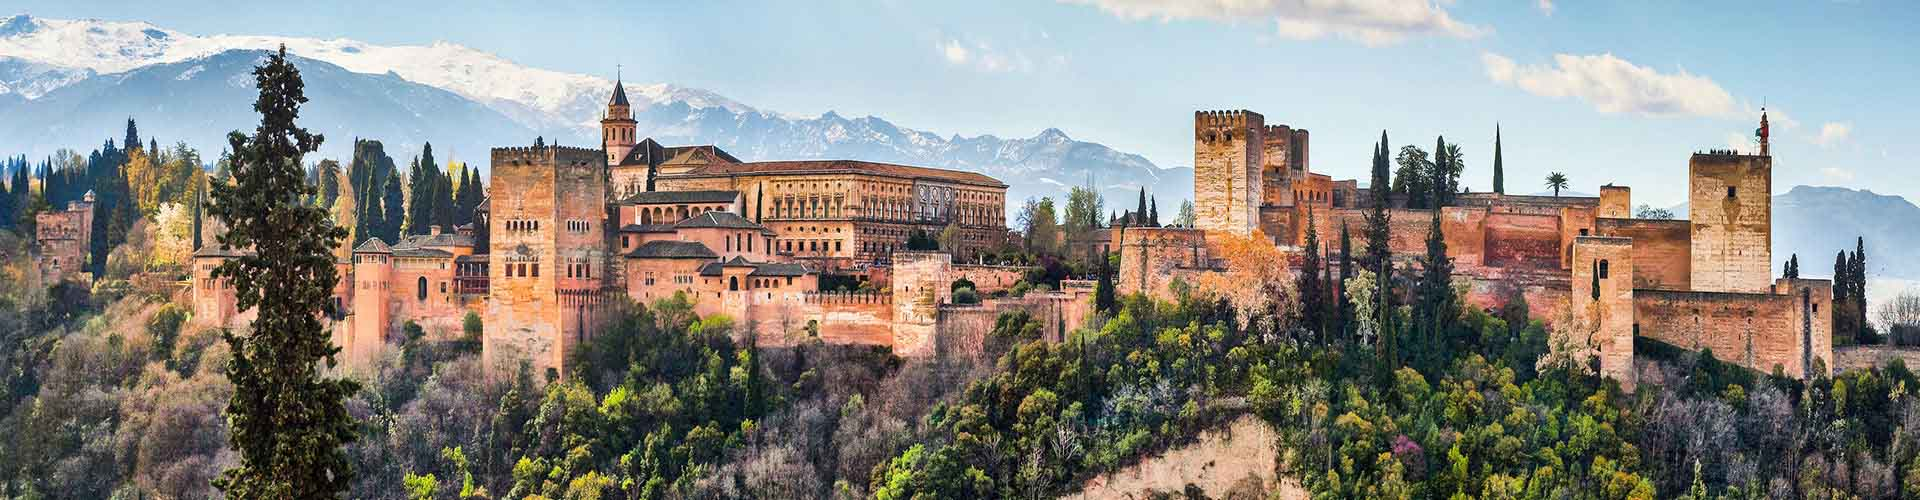 Granada - Campamentos cerca a Generalife. Mapas de Granada, Fotos y comentarios de cada Campamento en Granada.